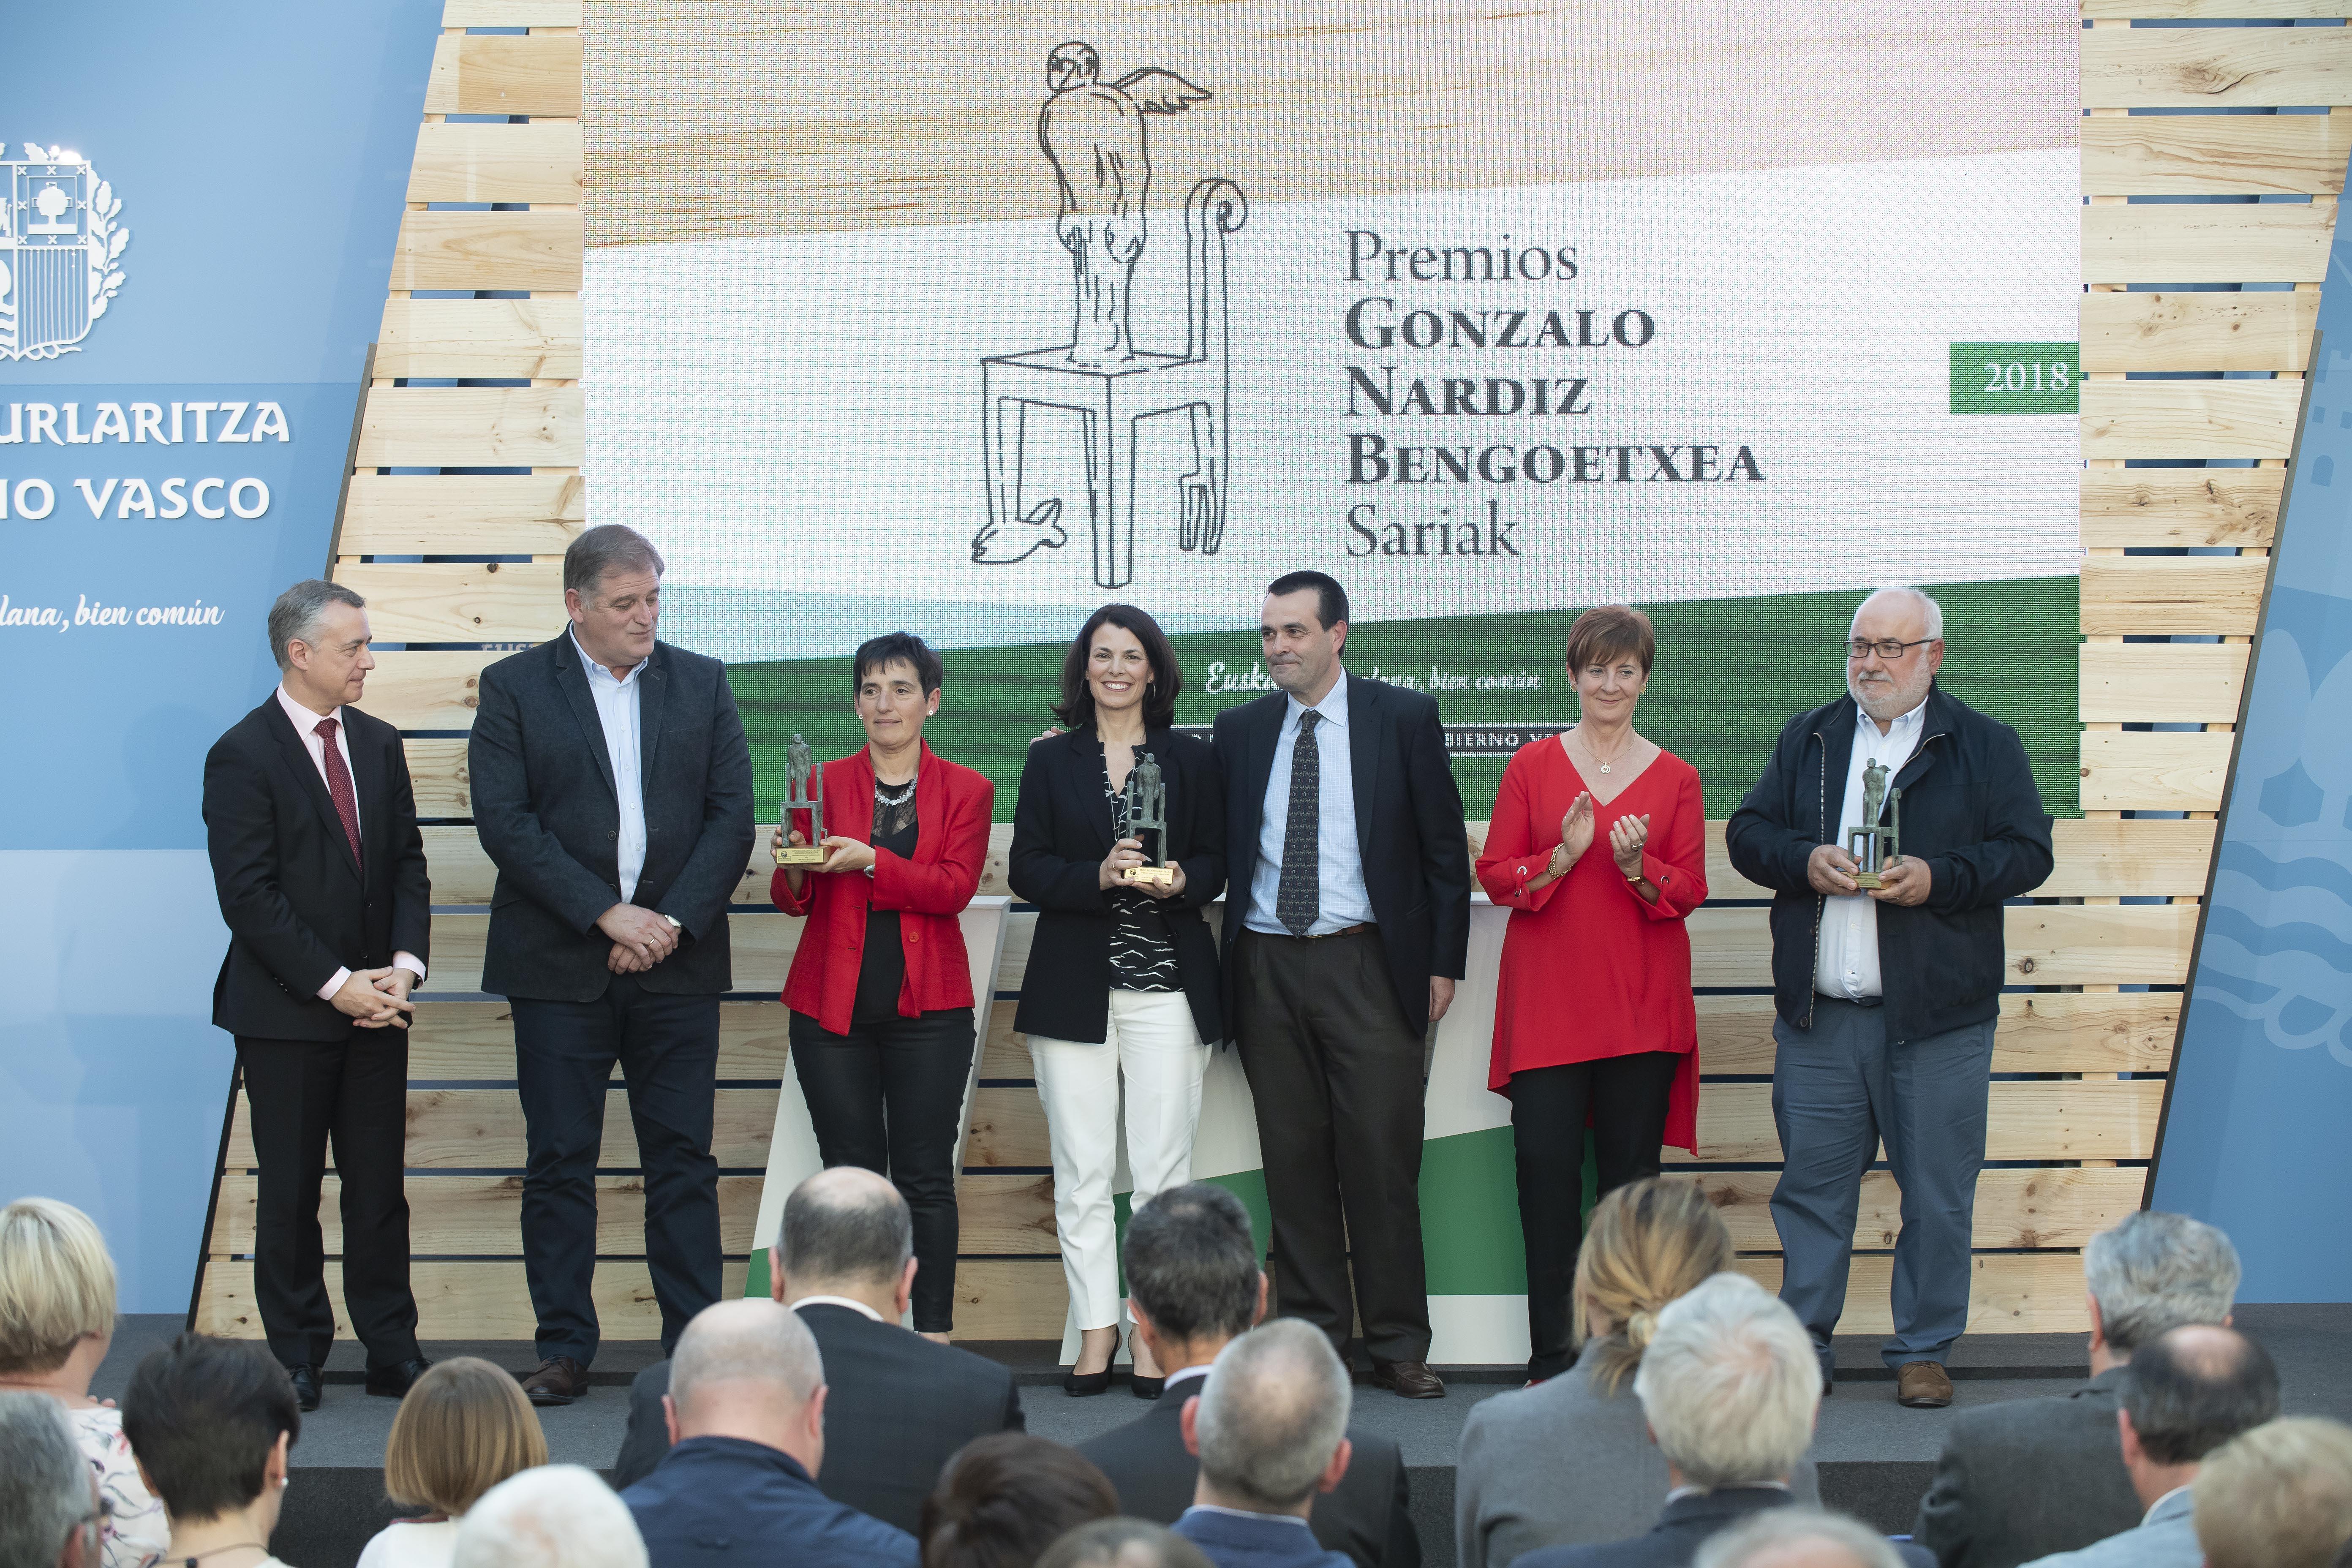 El Lehendakariha entregado los Premios Gonzalo Nardiz